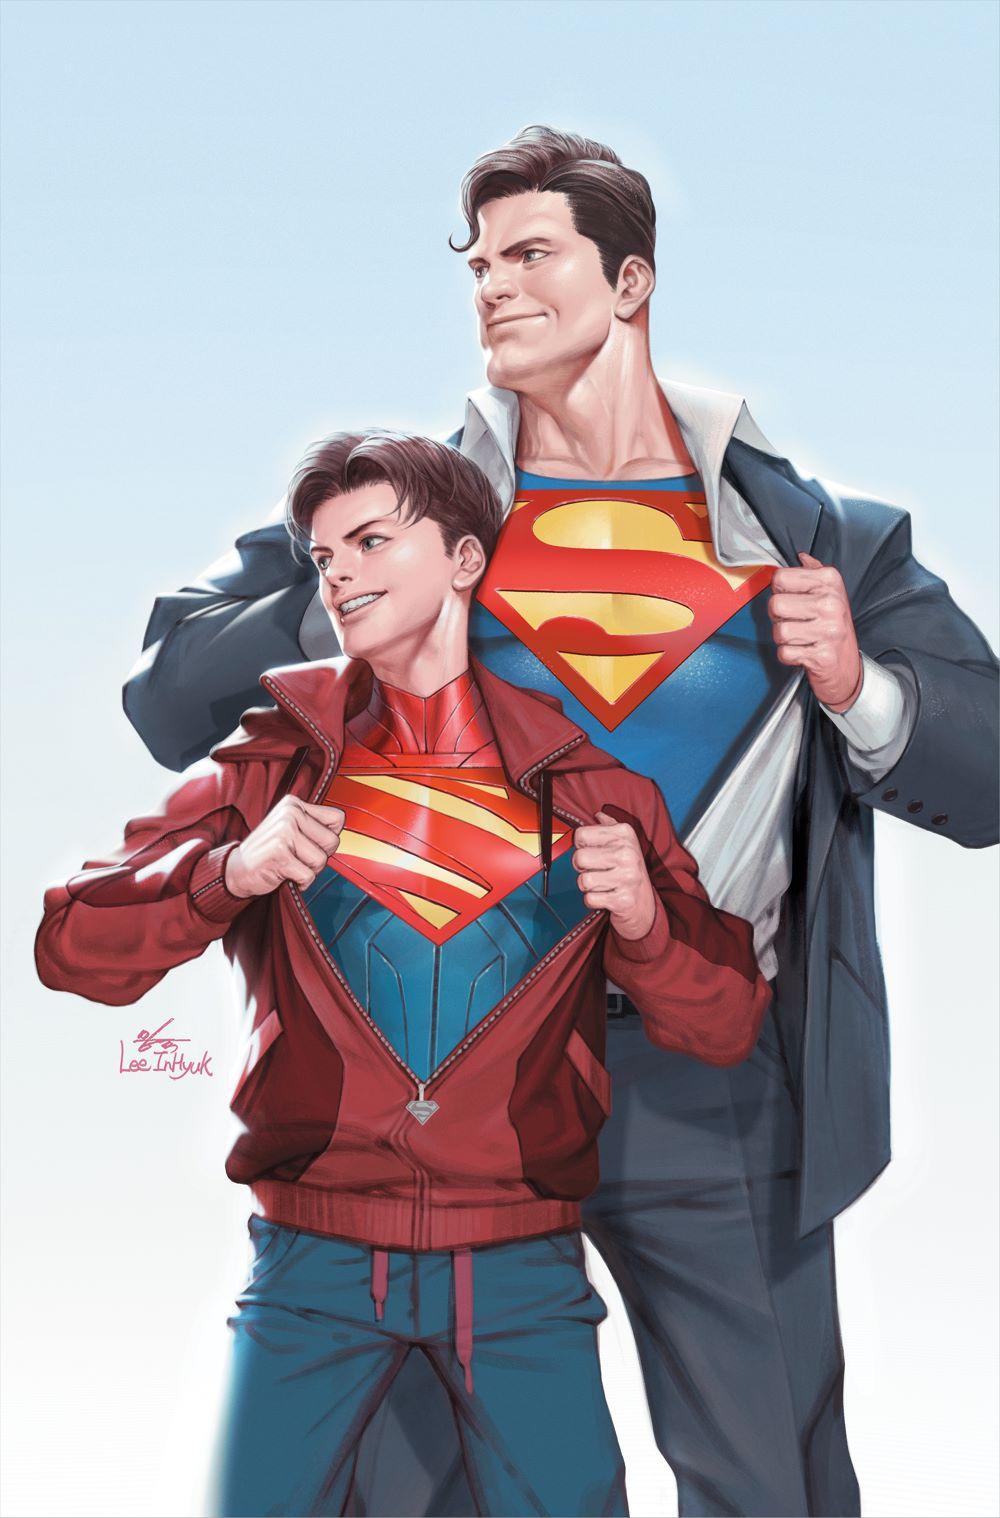 SUPERMAN_Cv32_var_NOTRADEDRESS DC Comics June 2021 Solicitations